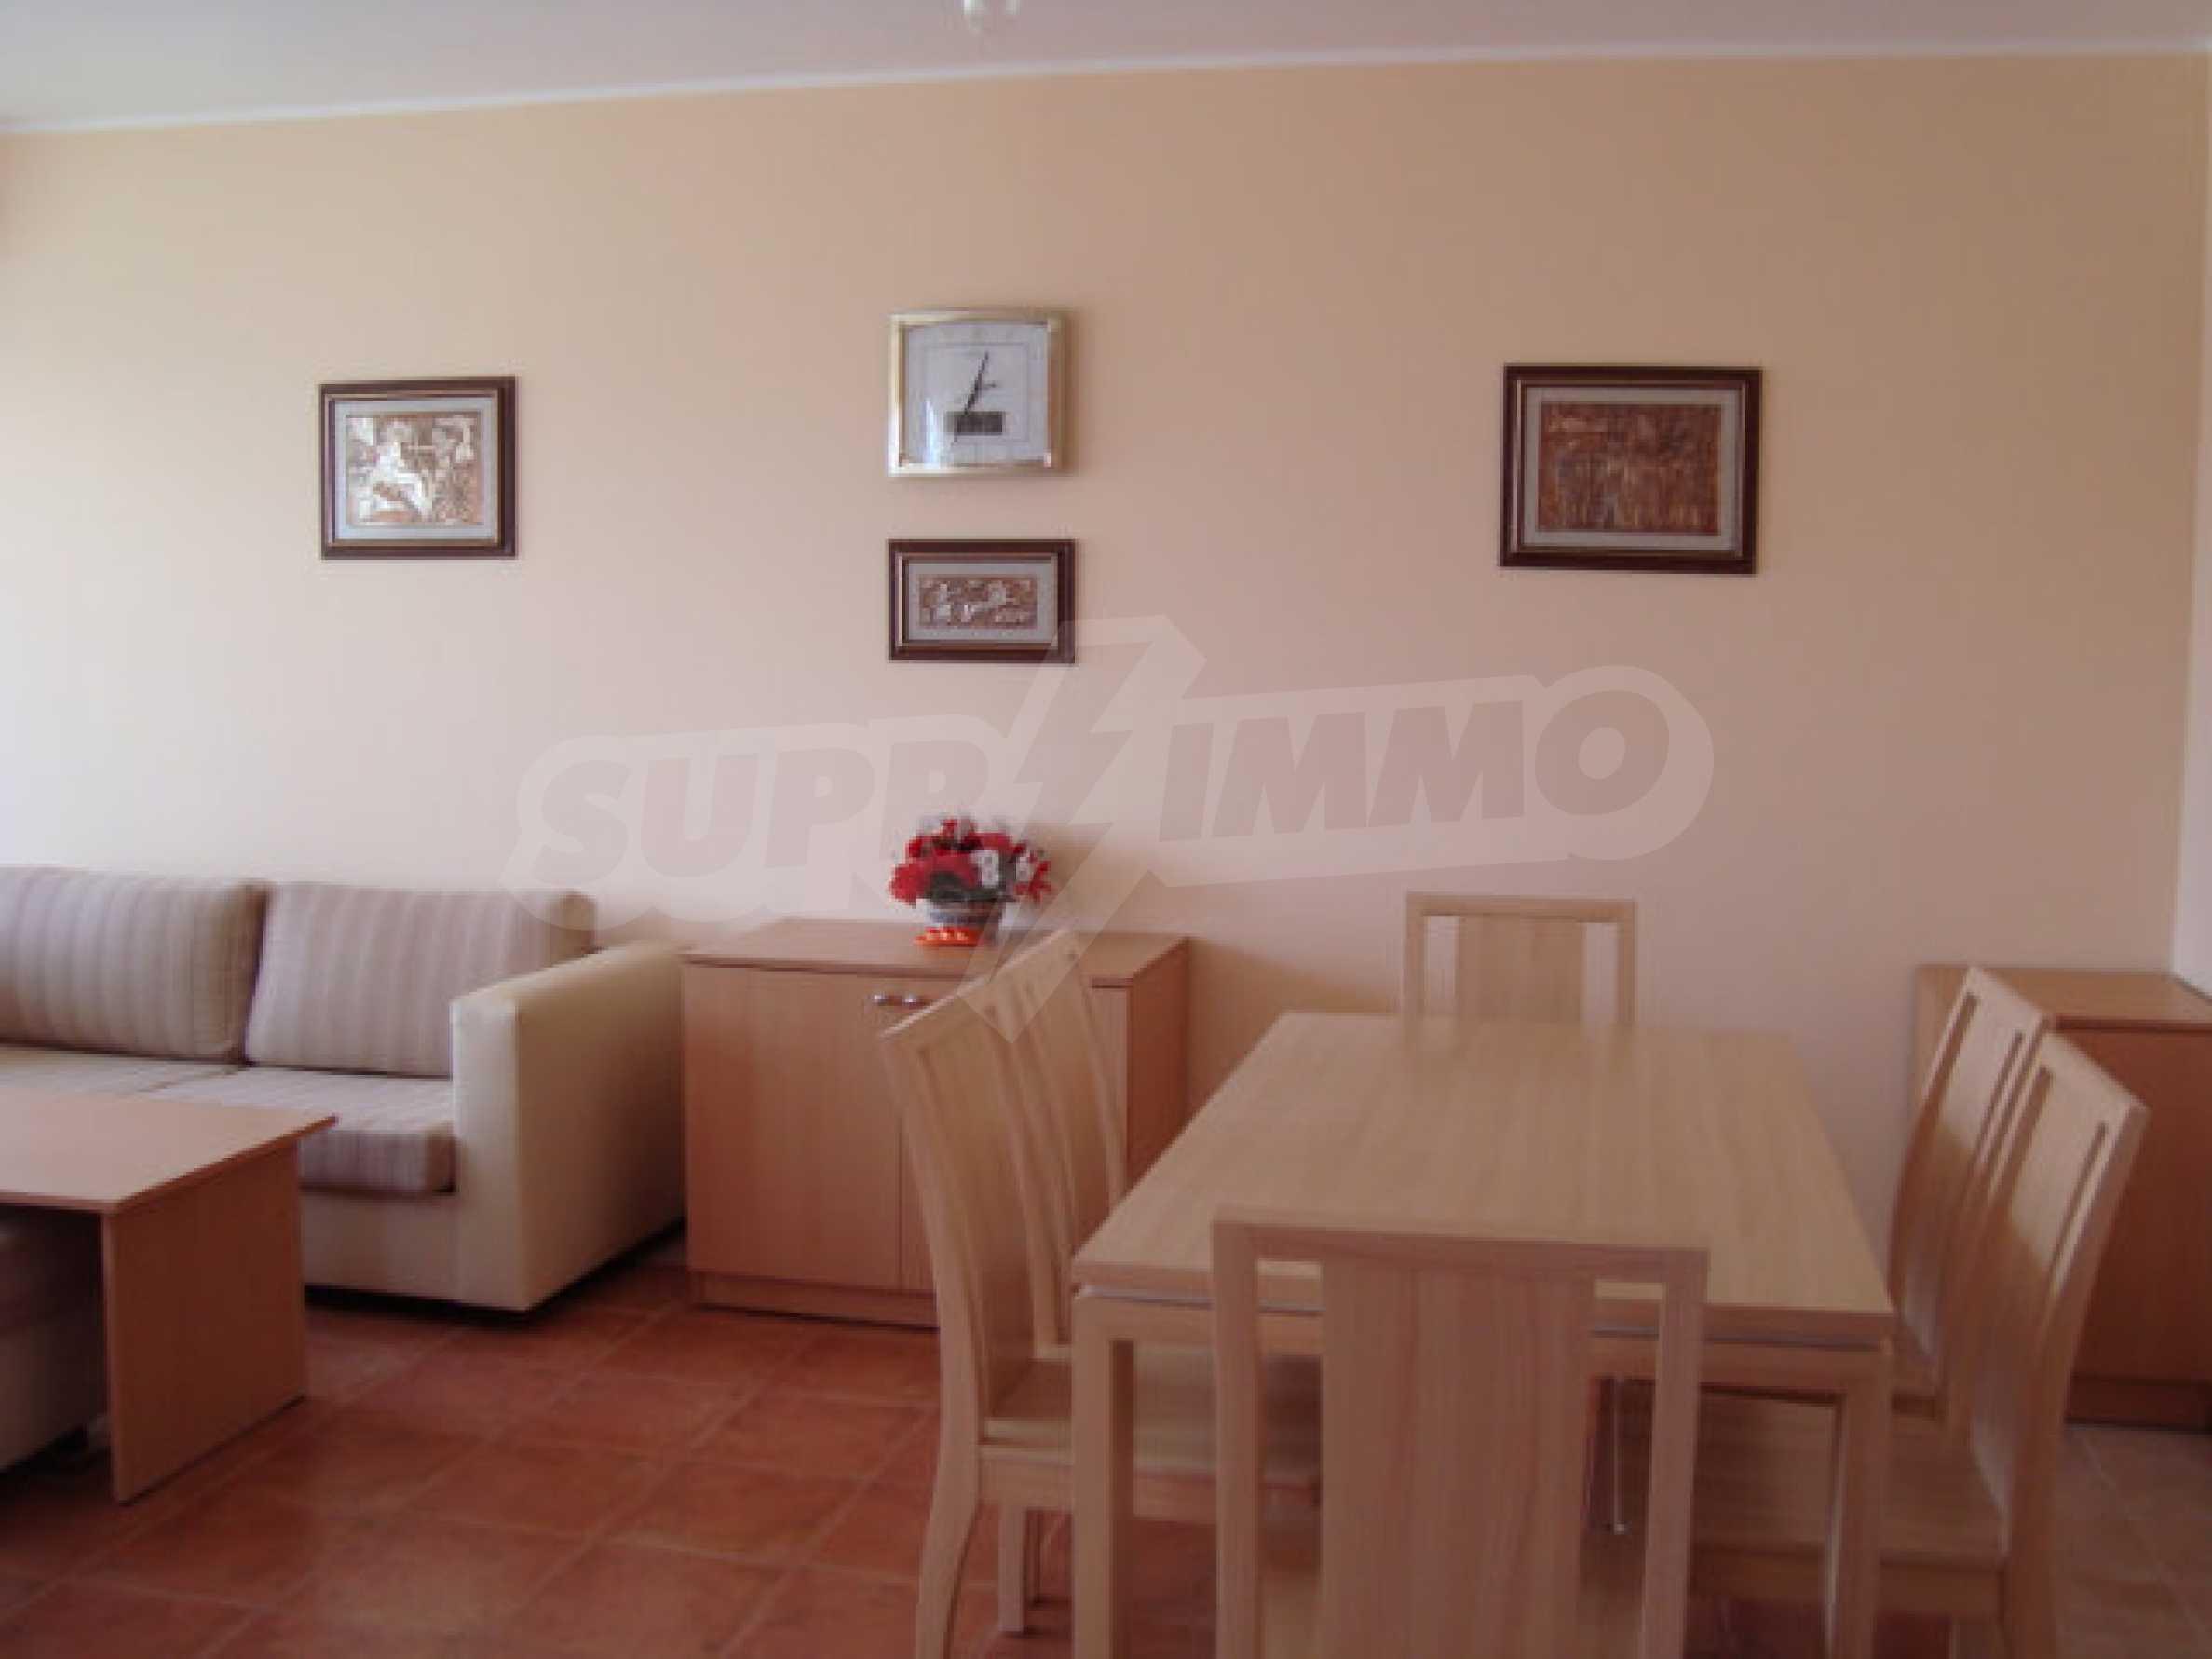 Zwei-Zimmer-Wohnung in Saint Nicholas Komplex in Chernomorets 6